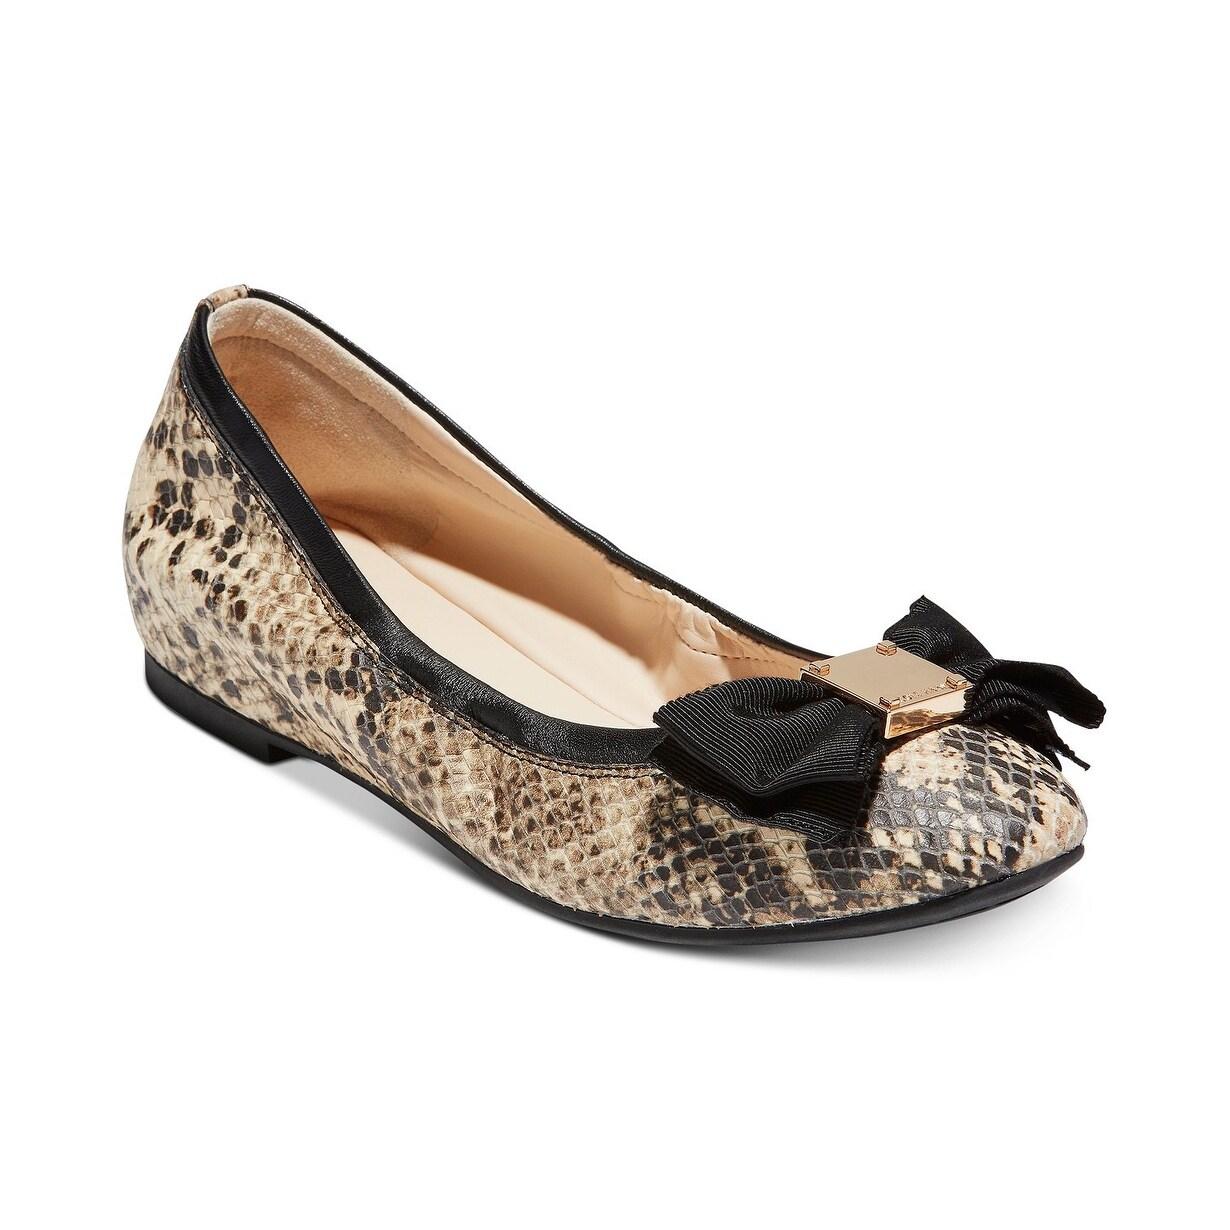 47ed2411530 Buy Cole Haan Women's Flats Online at Overstock | Our Best Women's Shoes  Deals